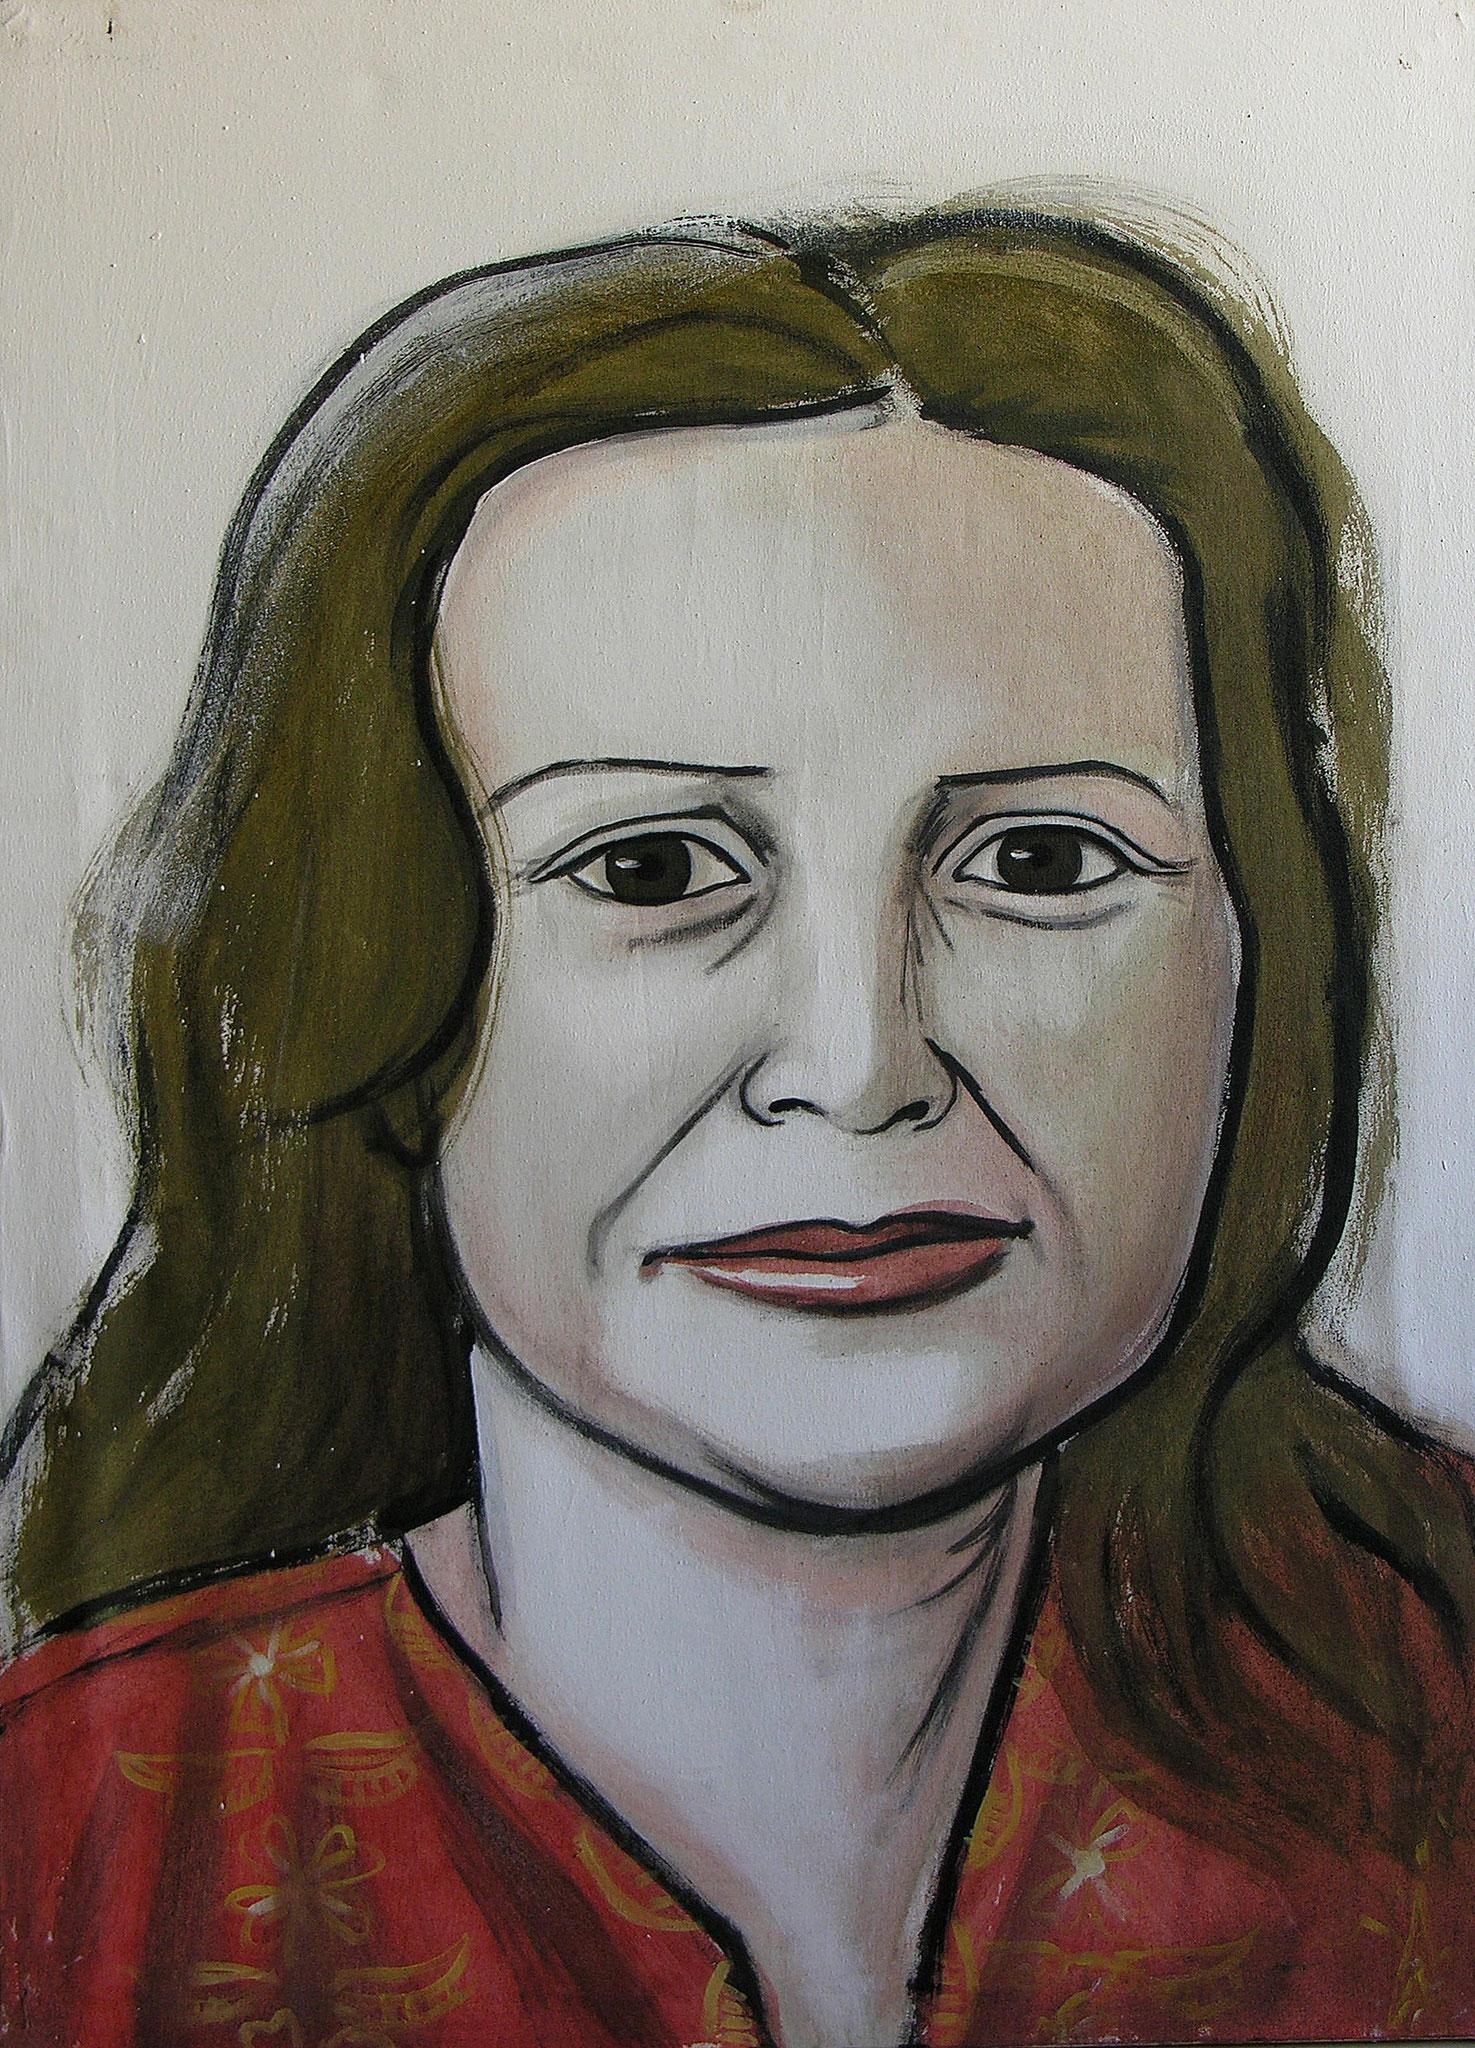 Sister, Acrylic on canvas, 100 x 70 cm, 2005